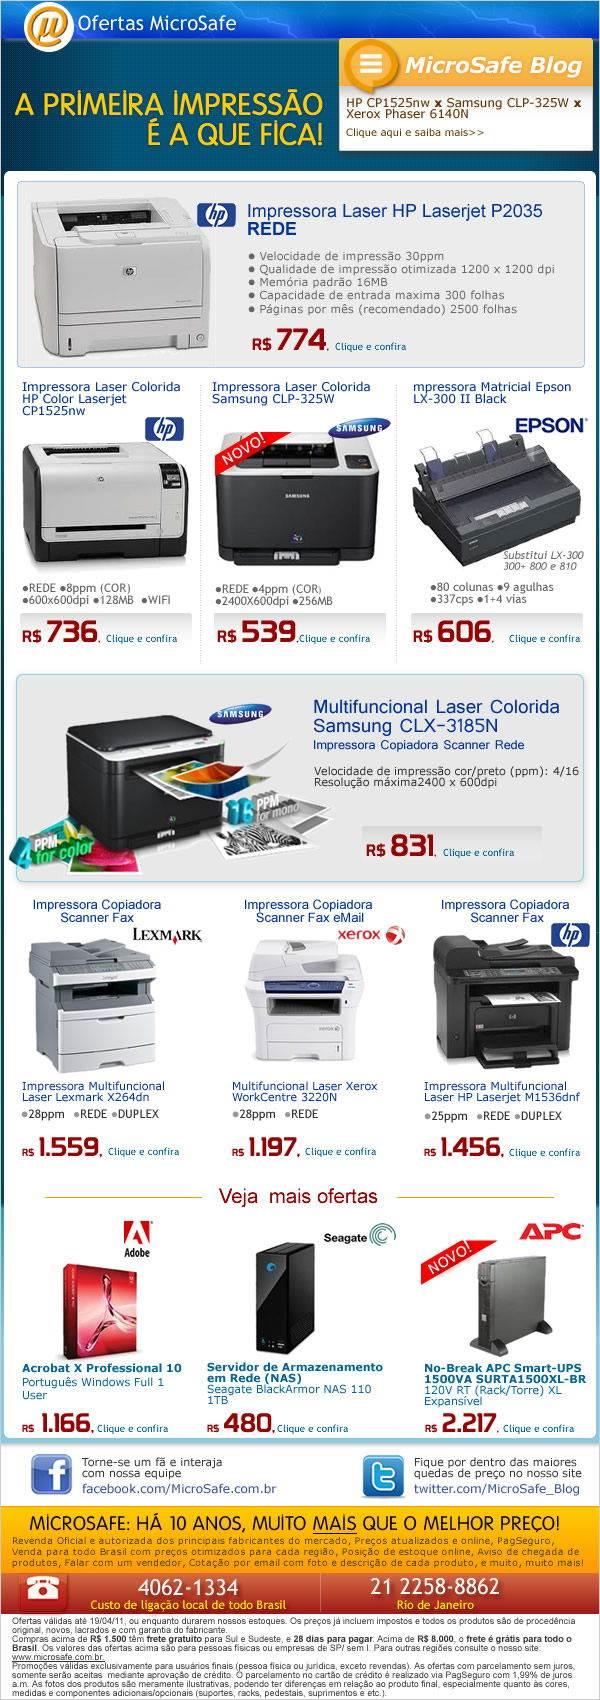 Imprima com qualidade. Seleção de impressoras na Microsafe!